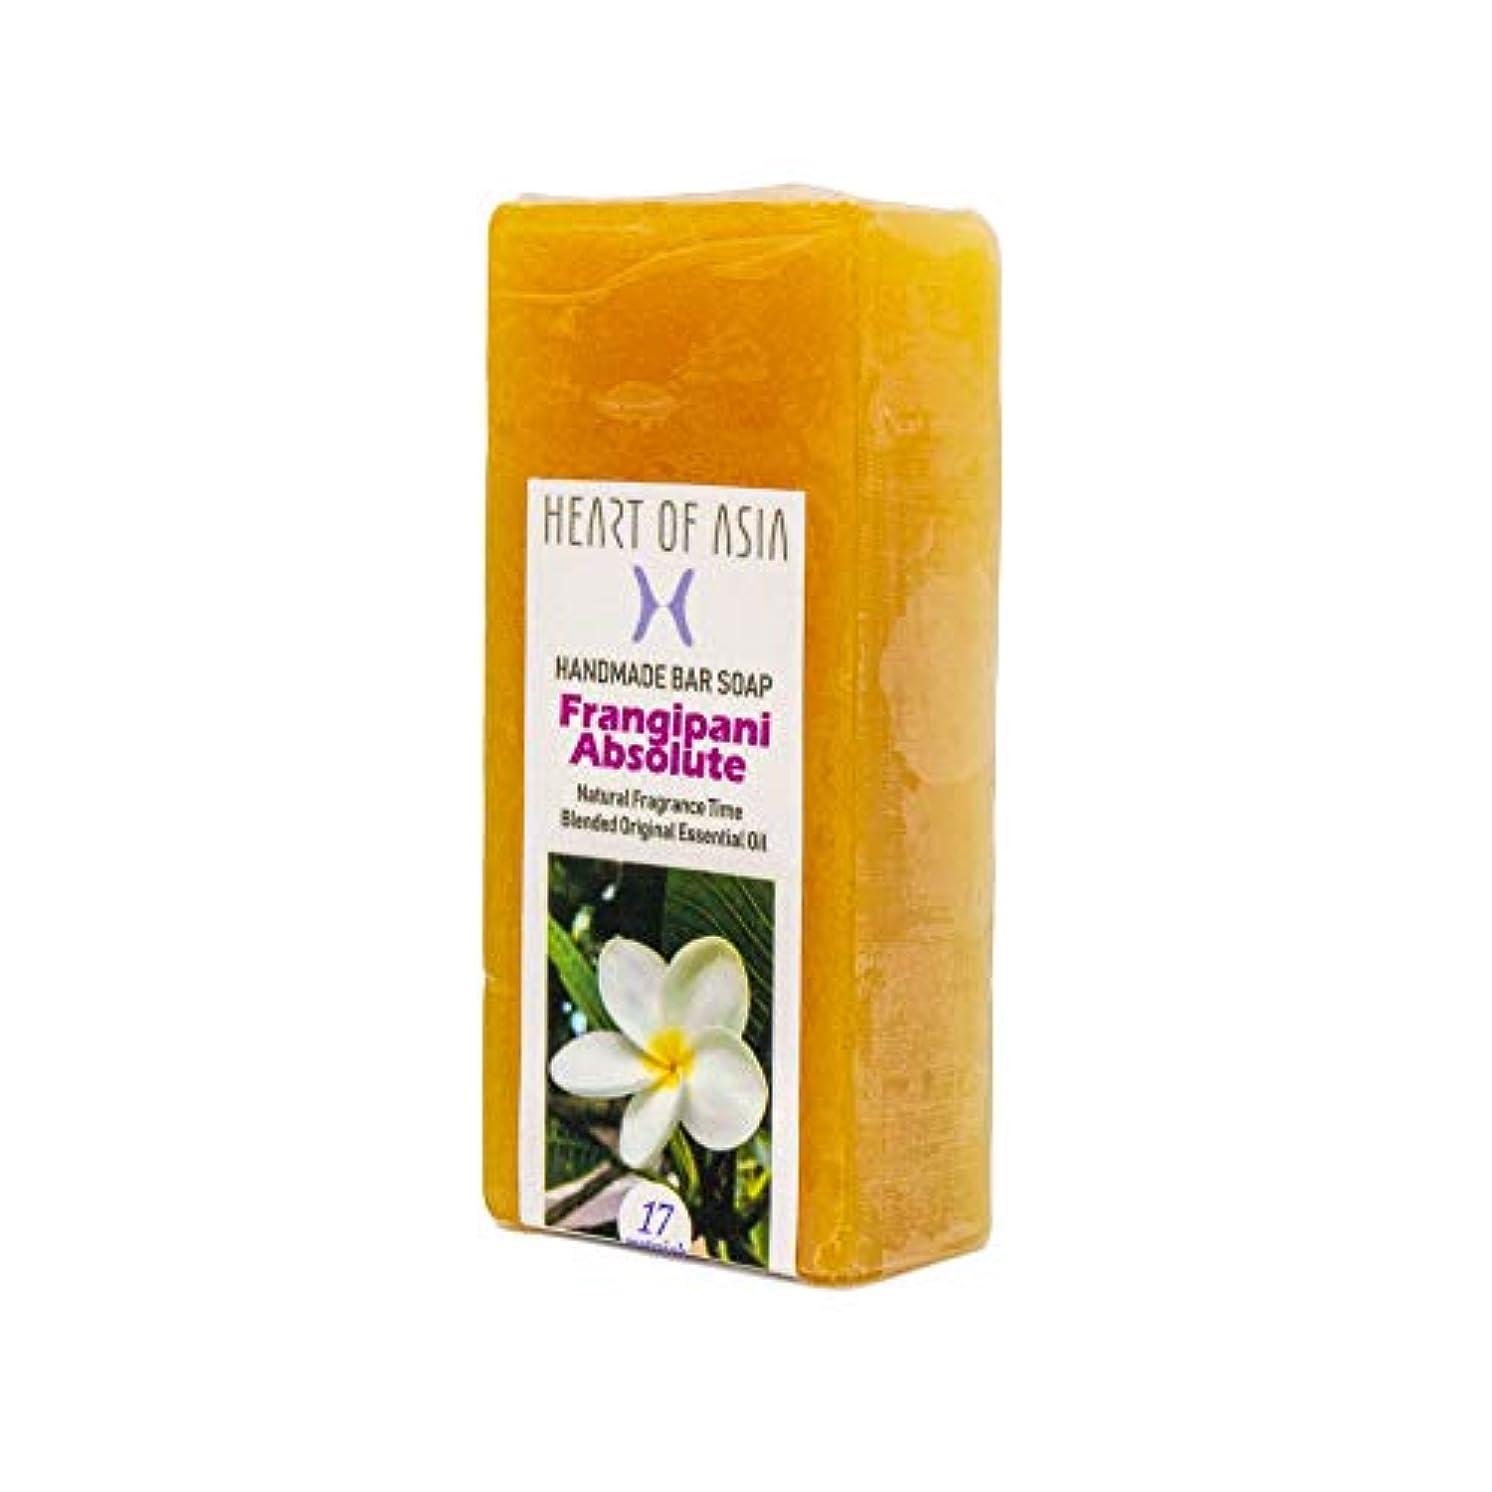 不正確論理リーズ香水のようなフレグランス石けん HANDMADE BAR SOAP ~Frangipani Absolute~ (単品)